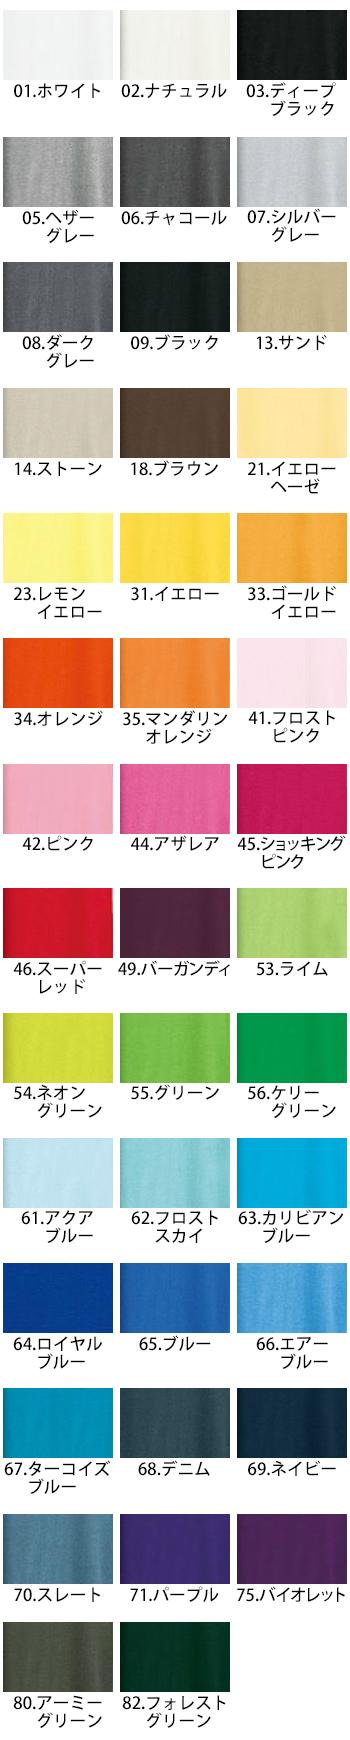 旭蝶繊維 マックスウェイトTシャツ [OE1116]